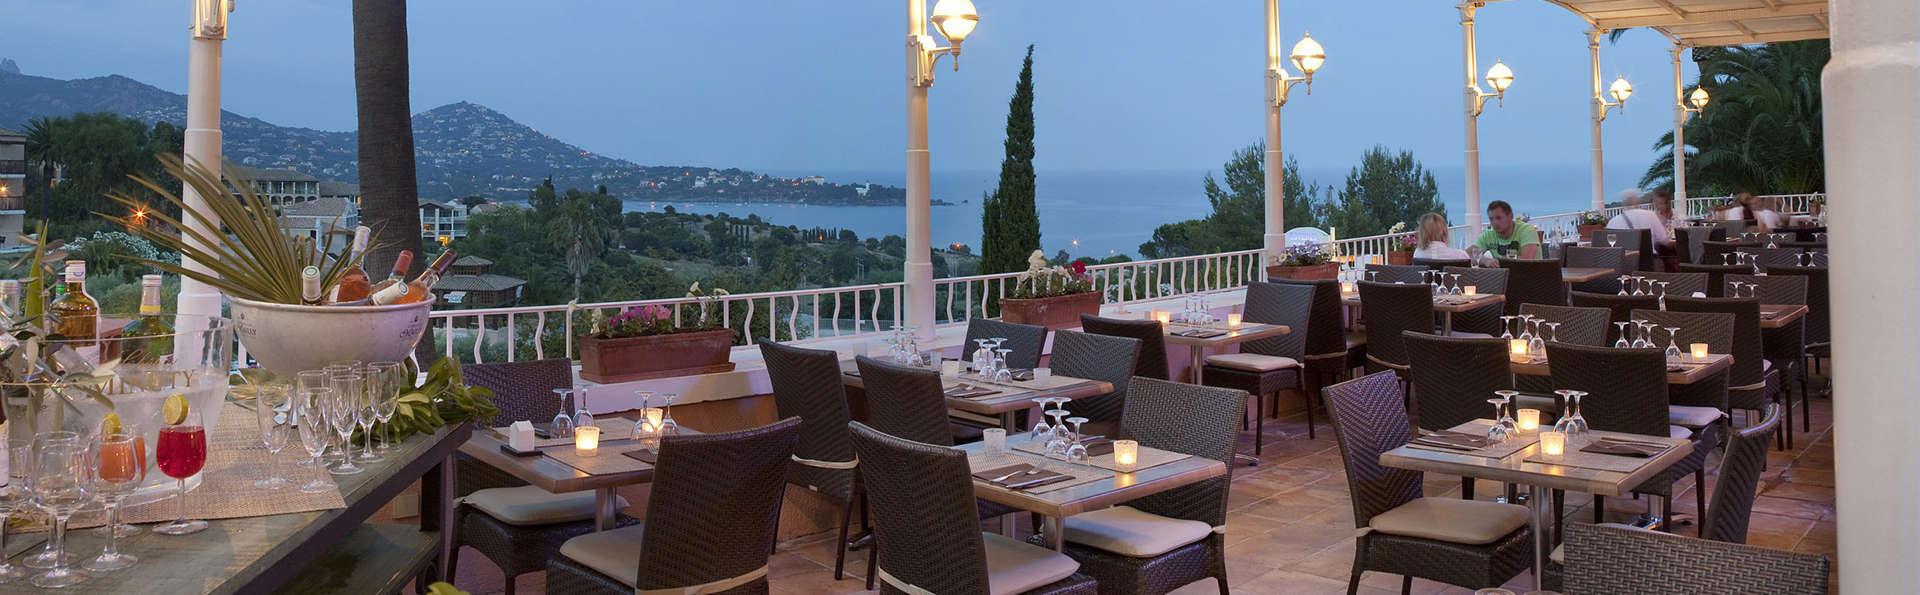 Séjour en bord de mer sur la Côte d'Azur